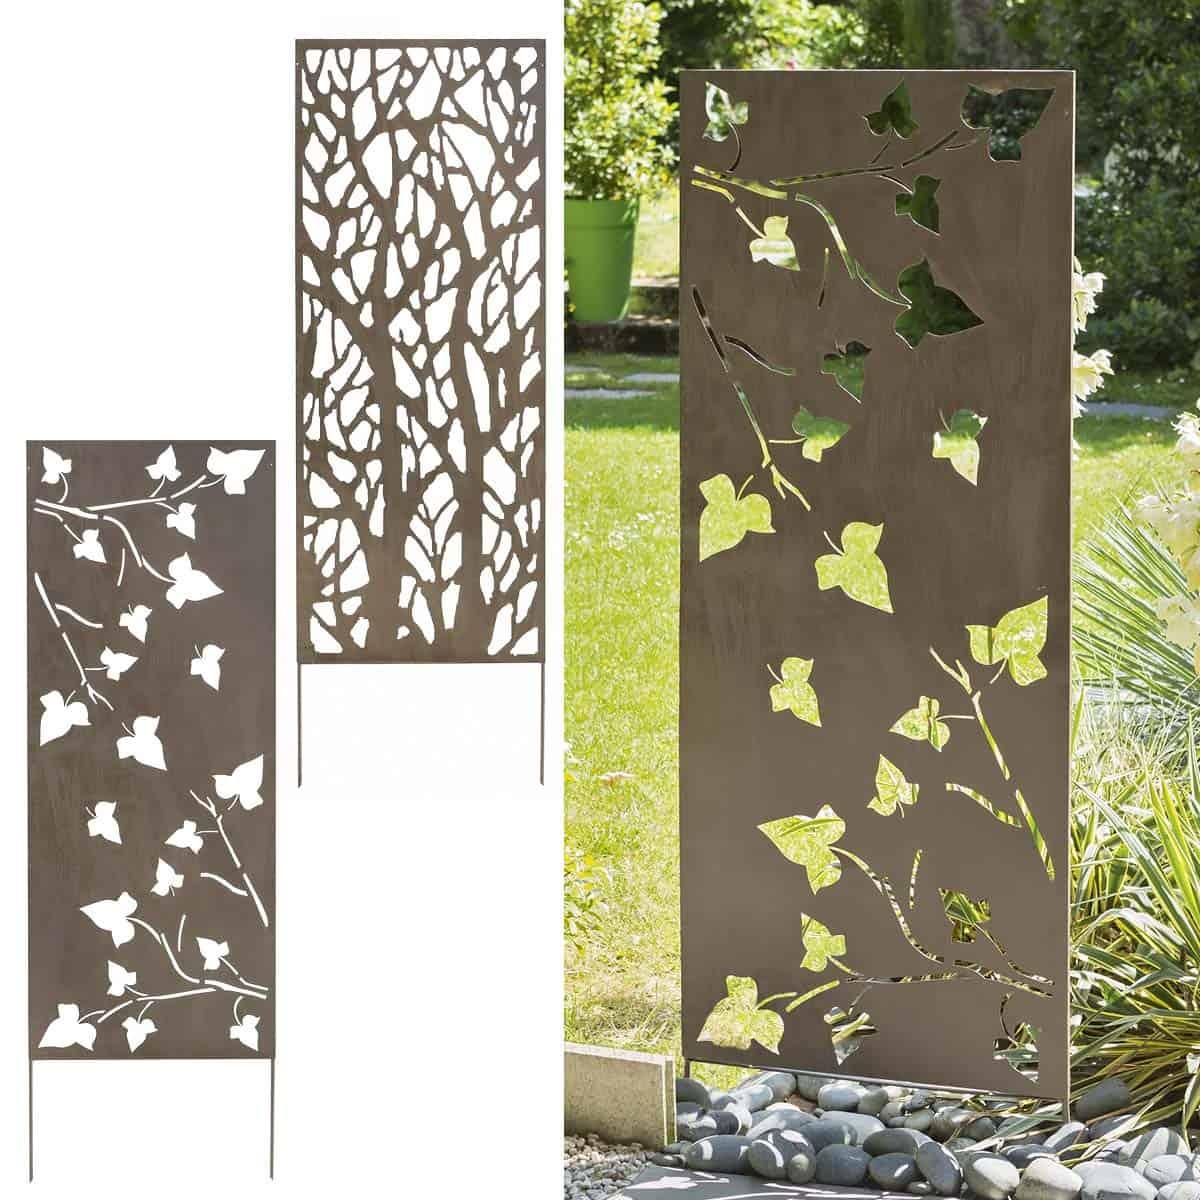 panneau decoratif en metal 0 6m x 1 5m